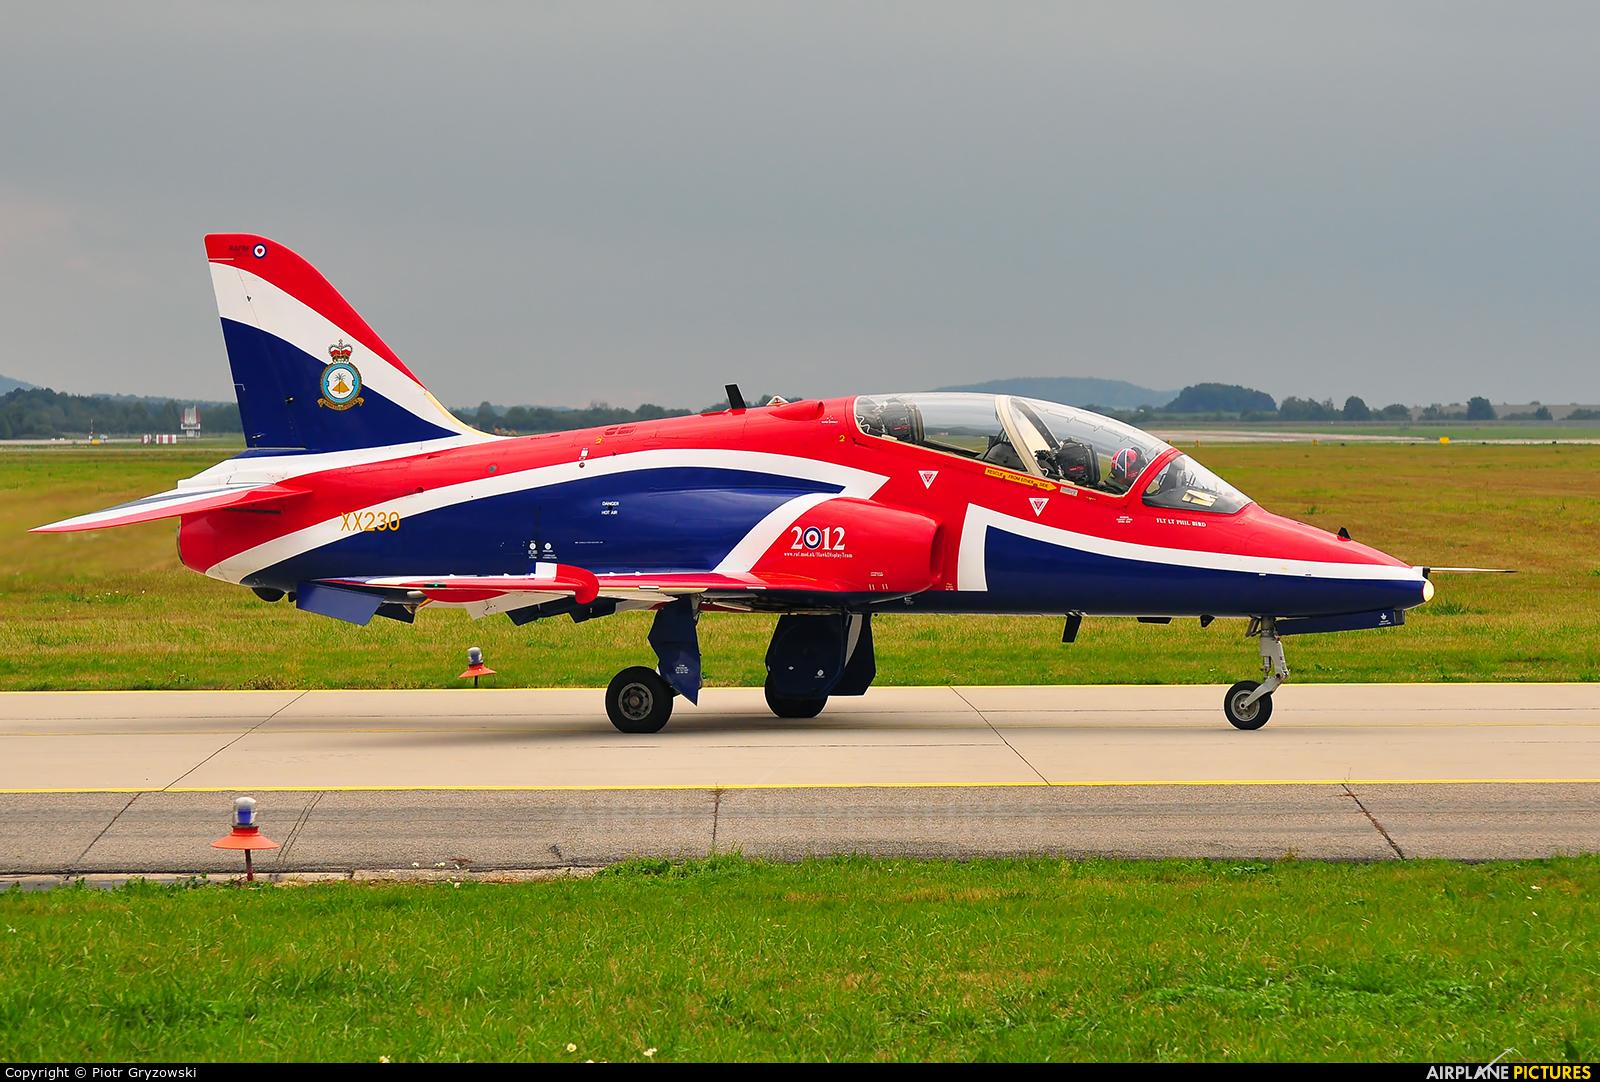 Royal Air Force XX230 aircraft at Ostrava Mošnov